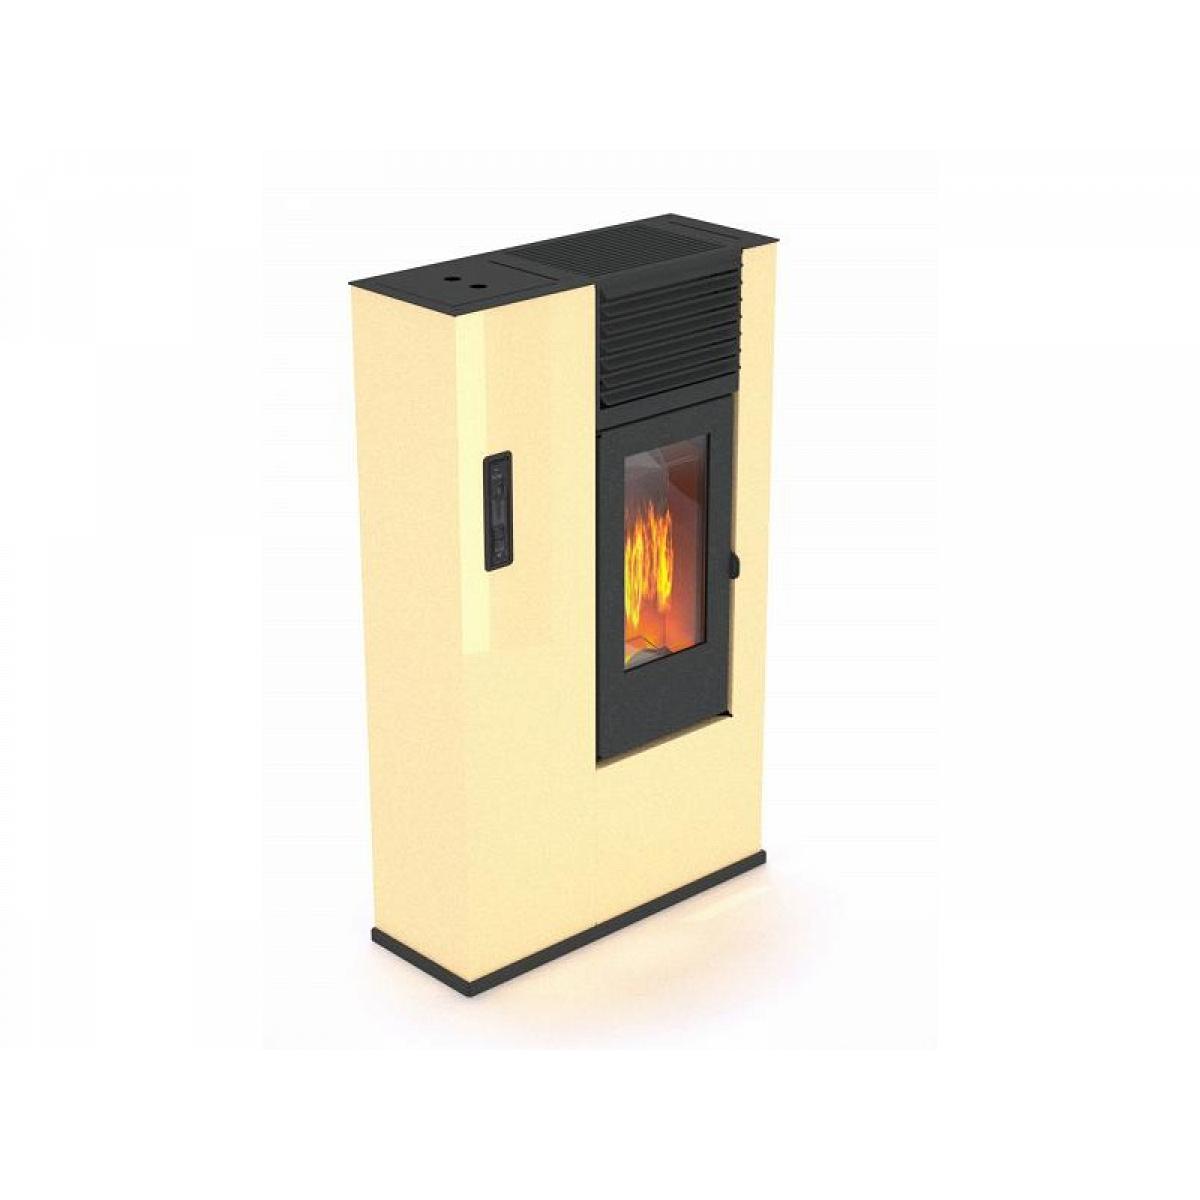 Stufa a pellet 7 5 kw mod giorgina avorio punto fuoco - Stufa a combustibile liquido opinioni ...